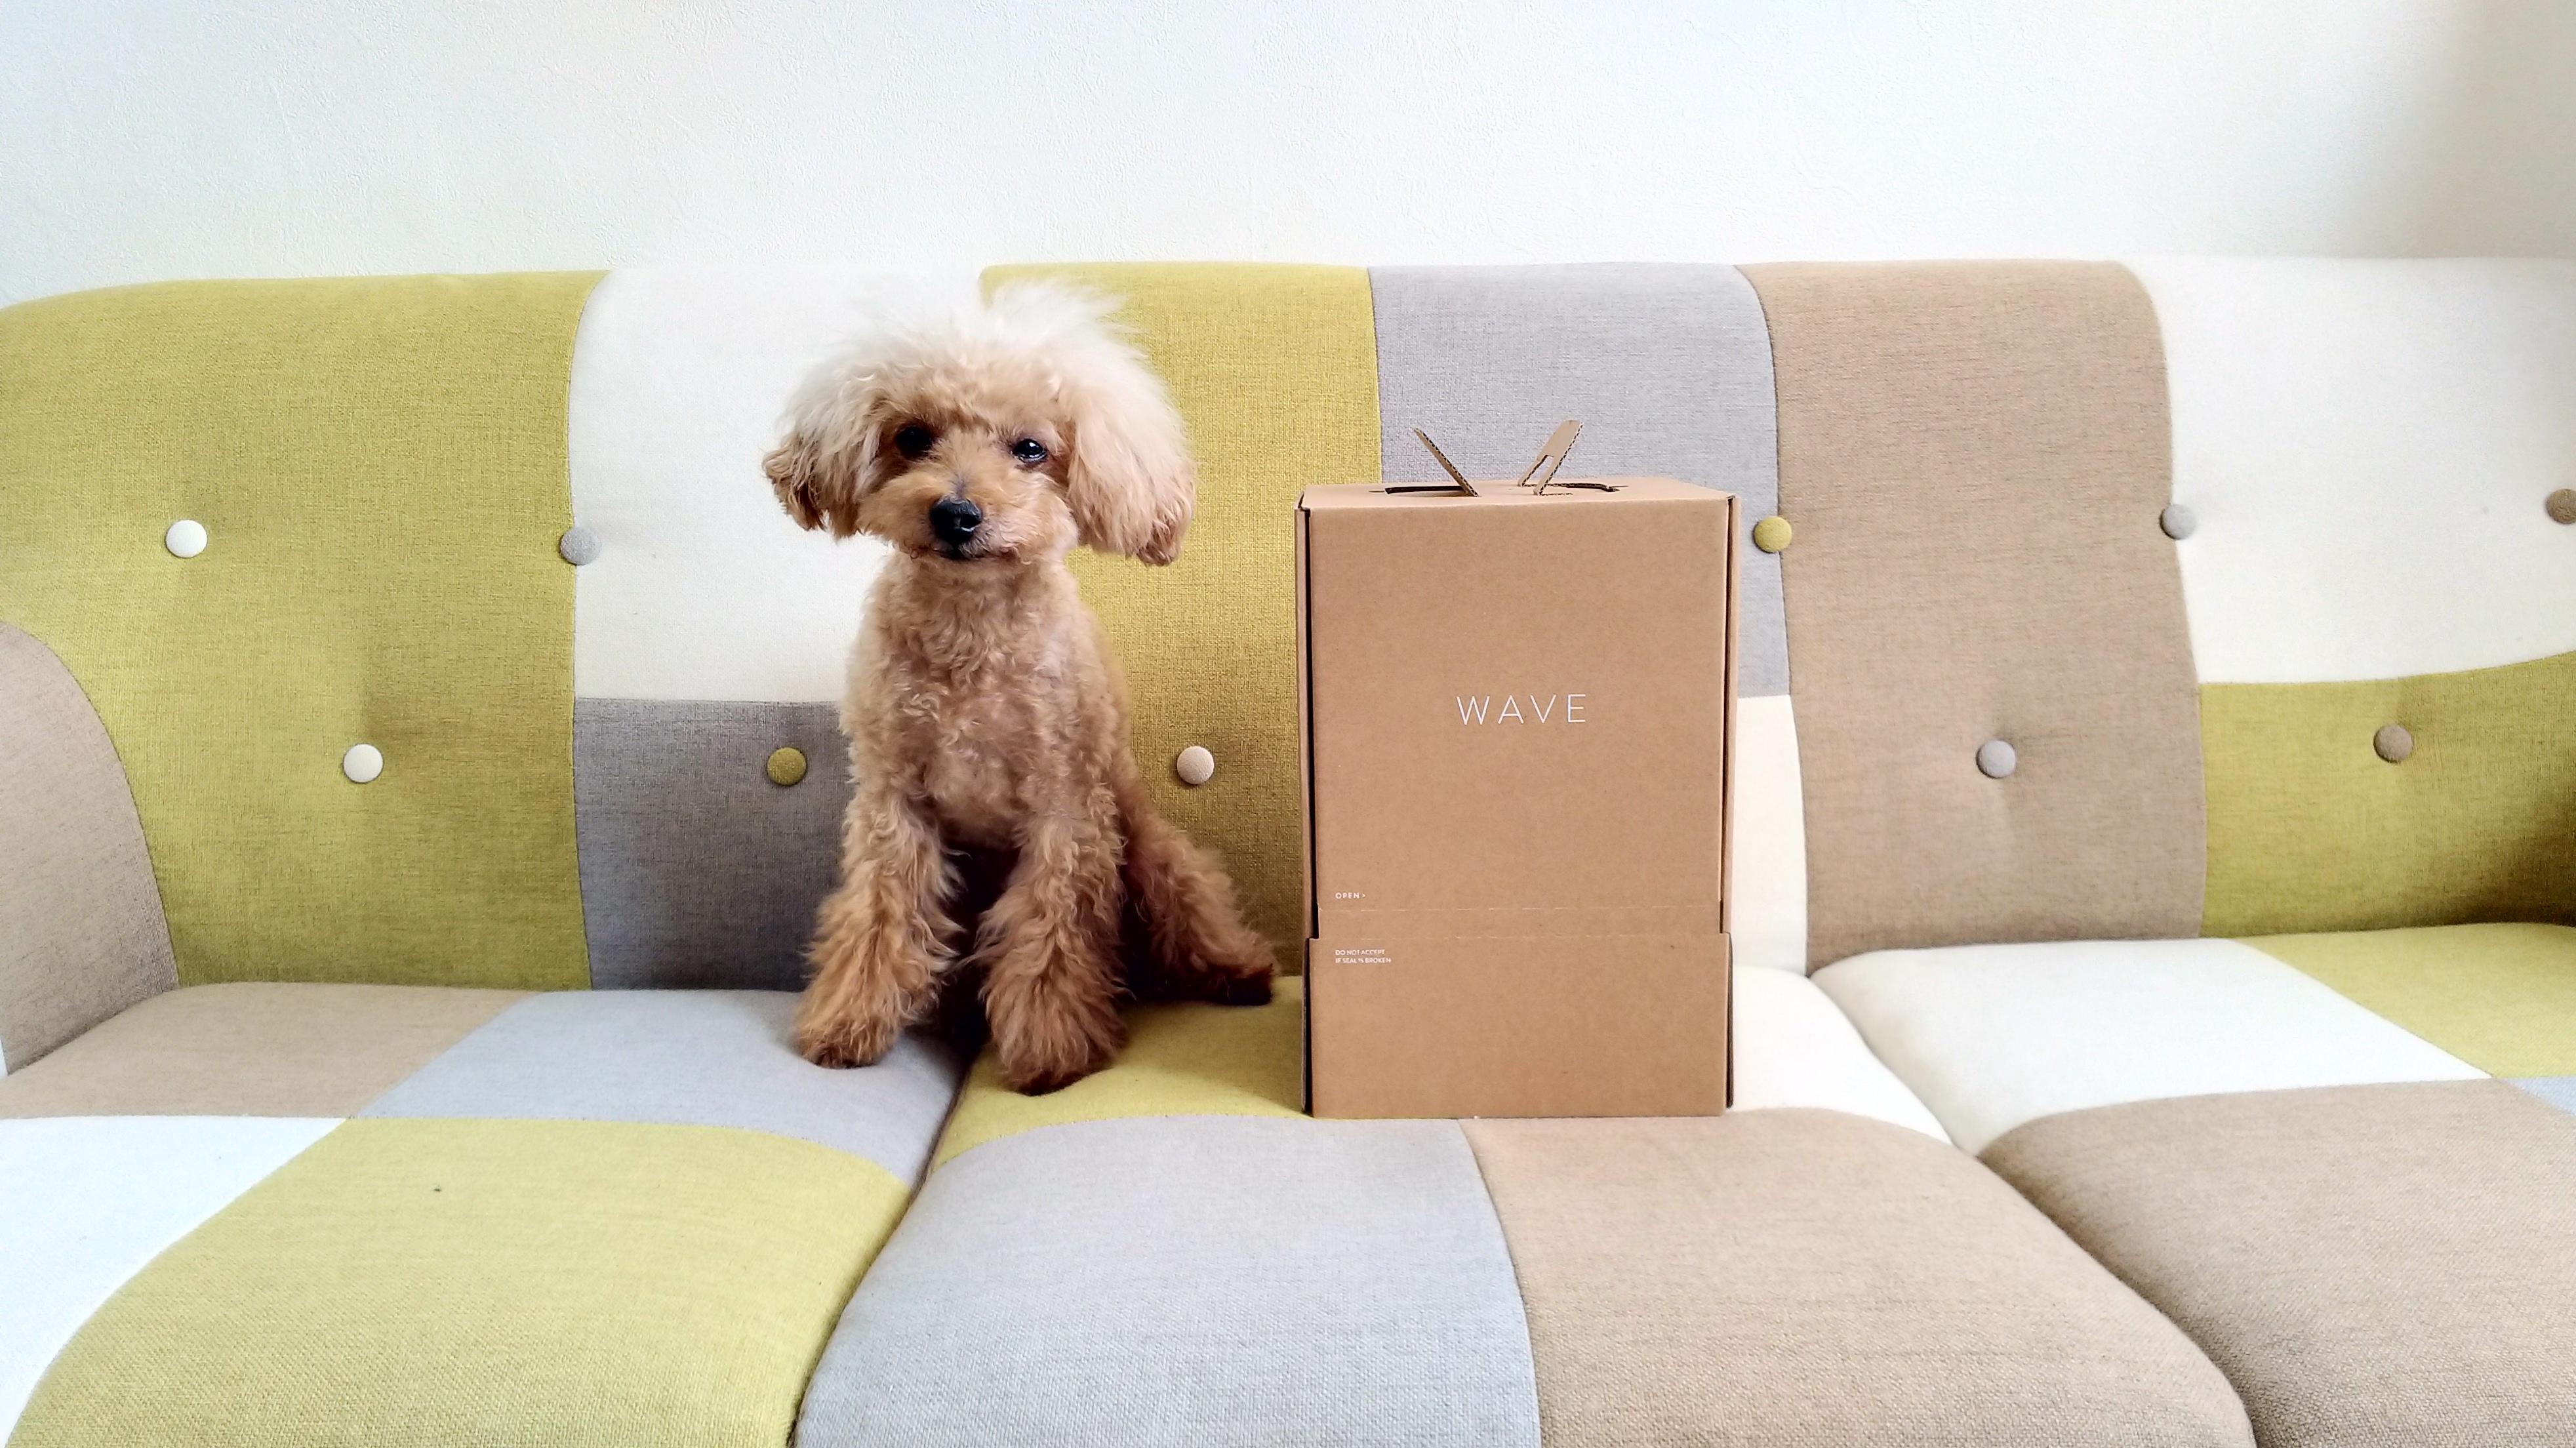 ちび愛犬(トイプードル)とClova WAVEの箱から出した箱